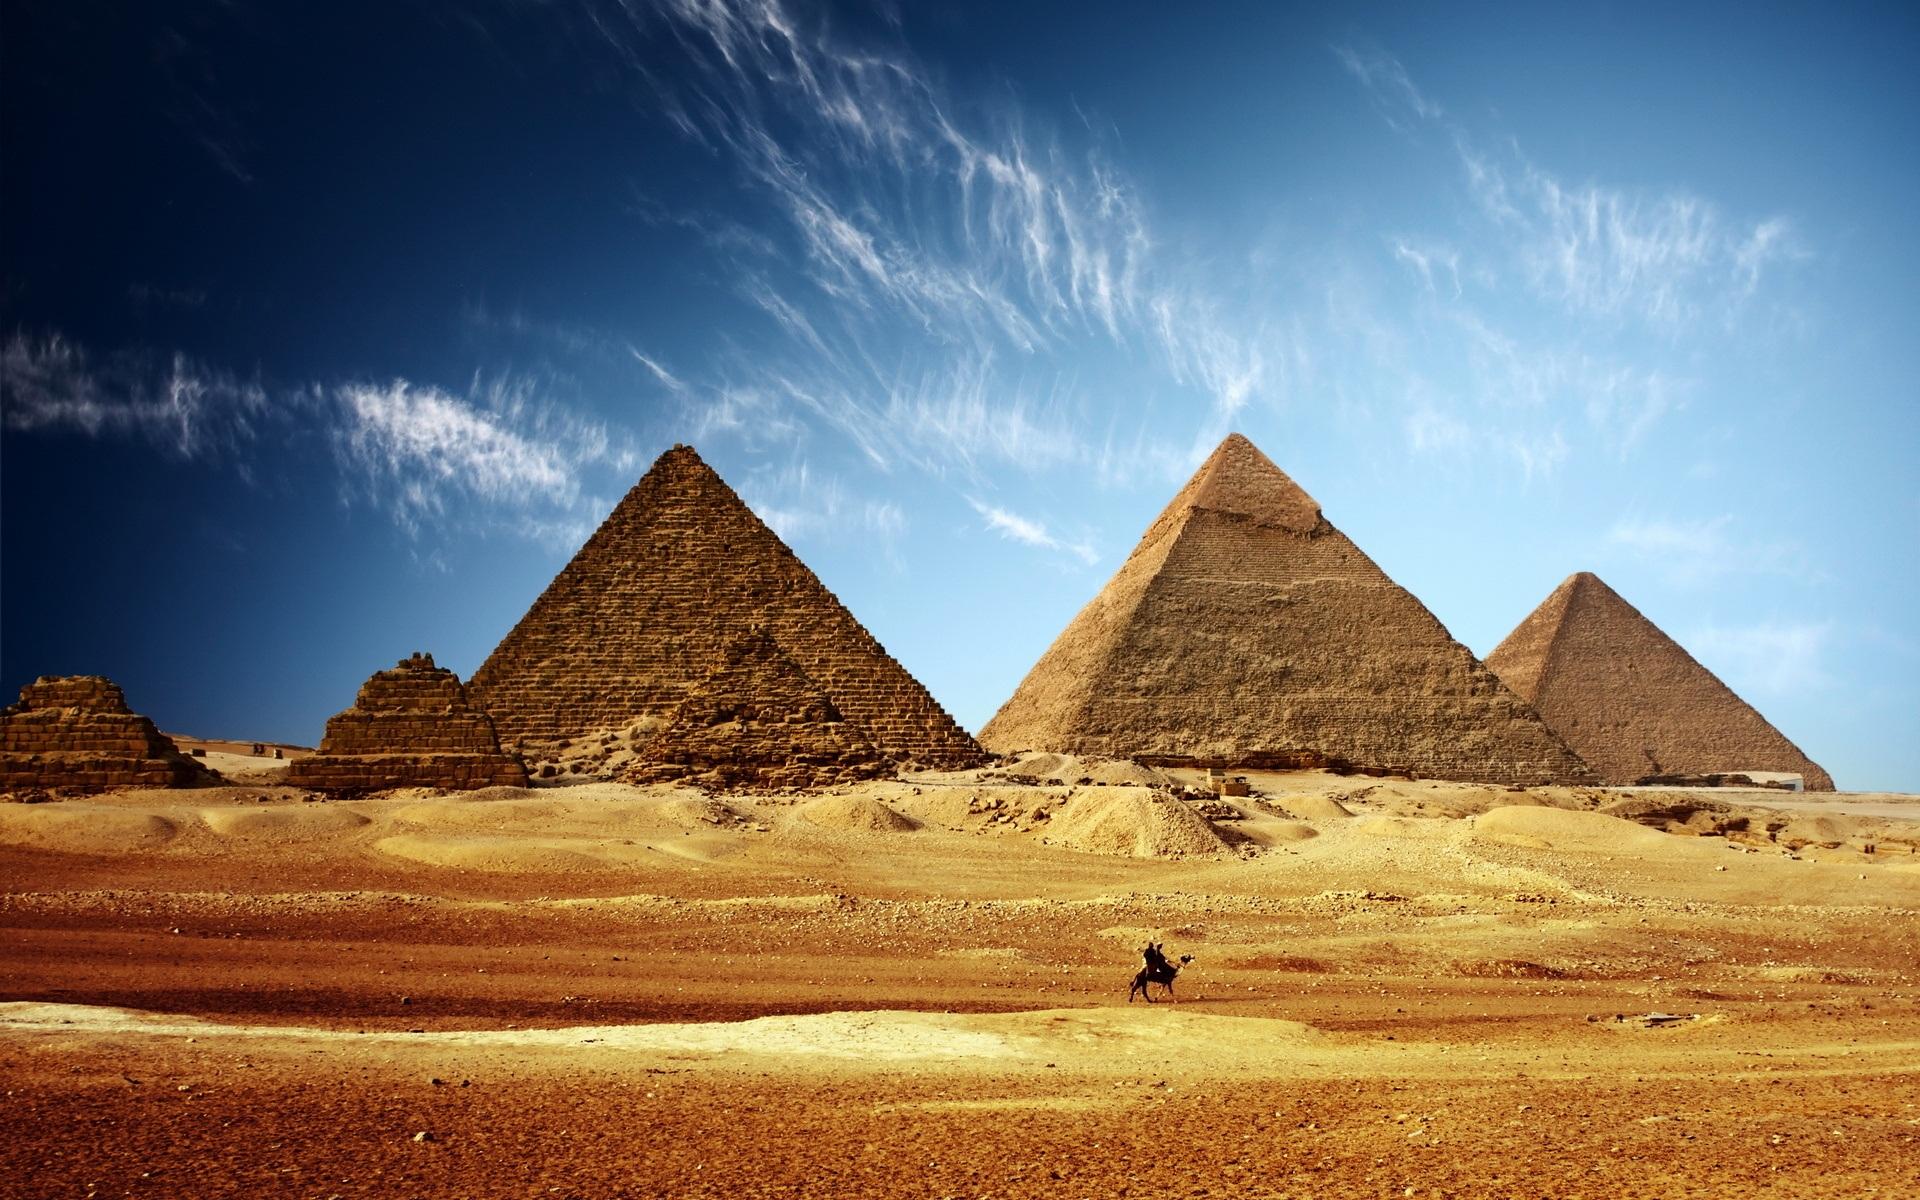 Пирамиды, Египет. Обои на рабочий стол. Разрешение 1920x1200